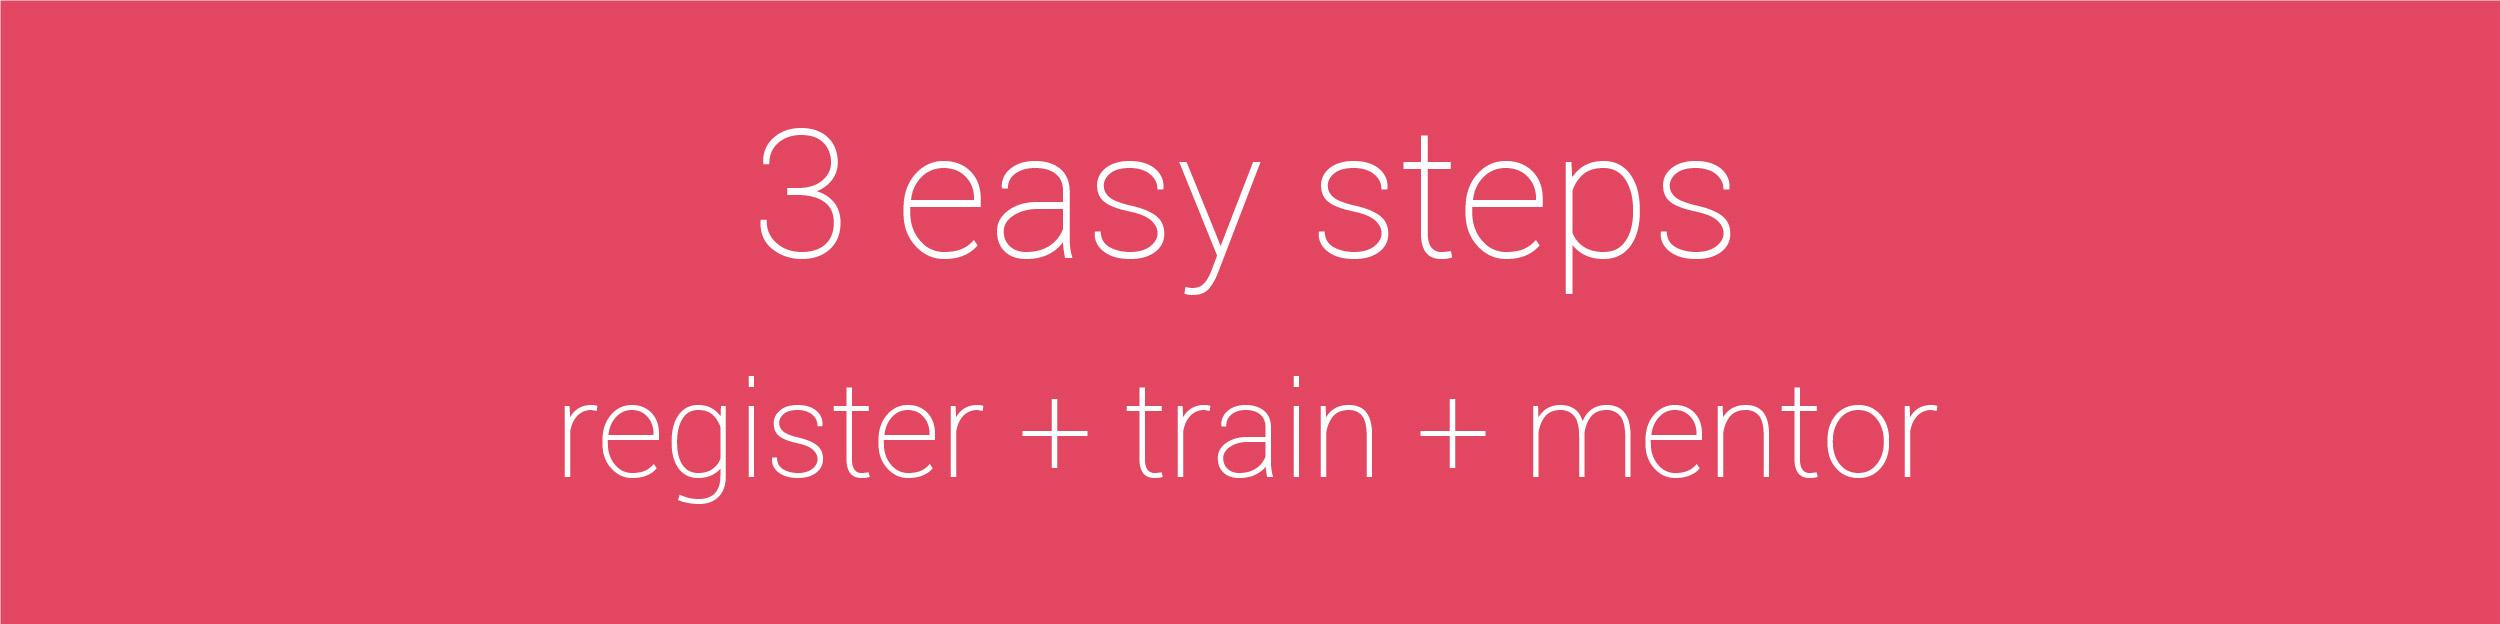 3-easy-steps-05